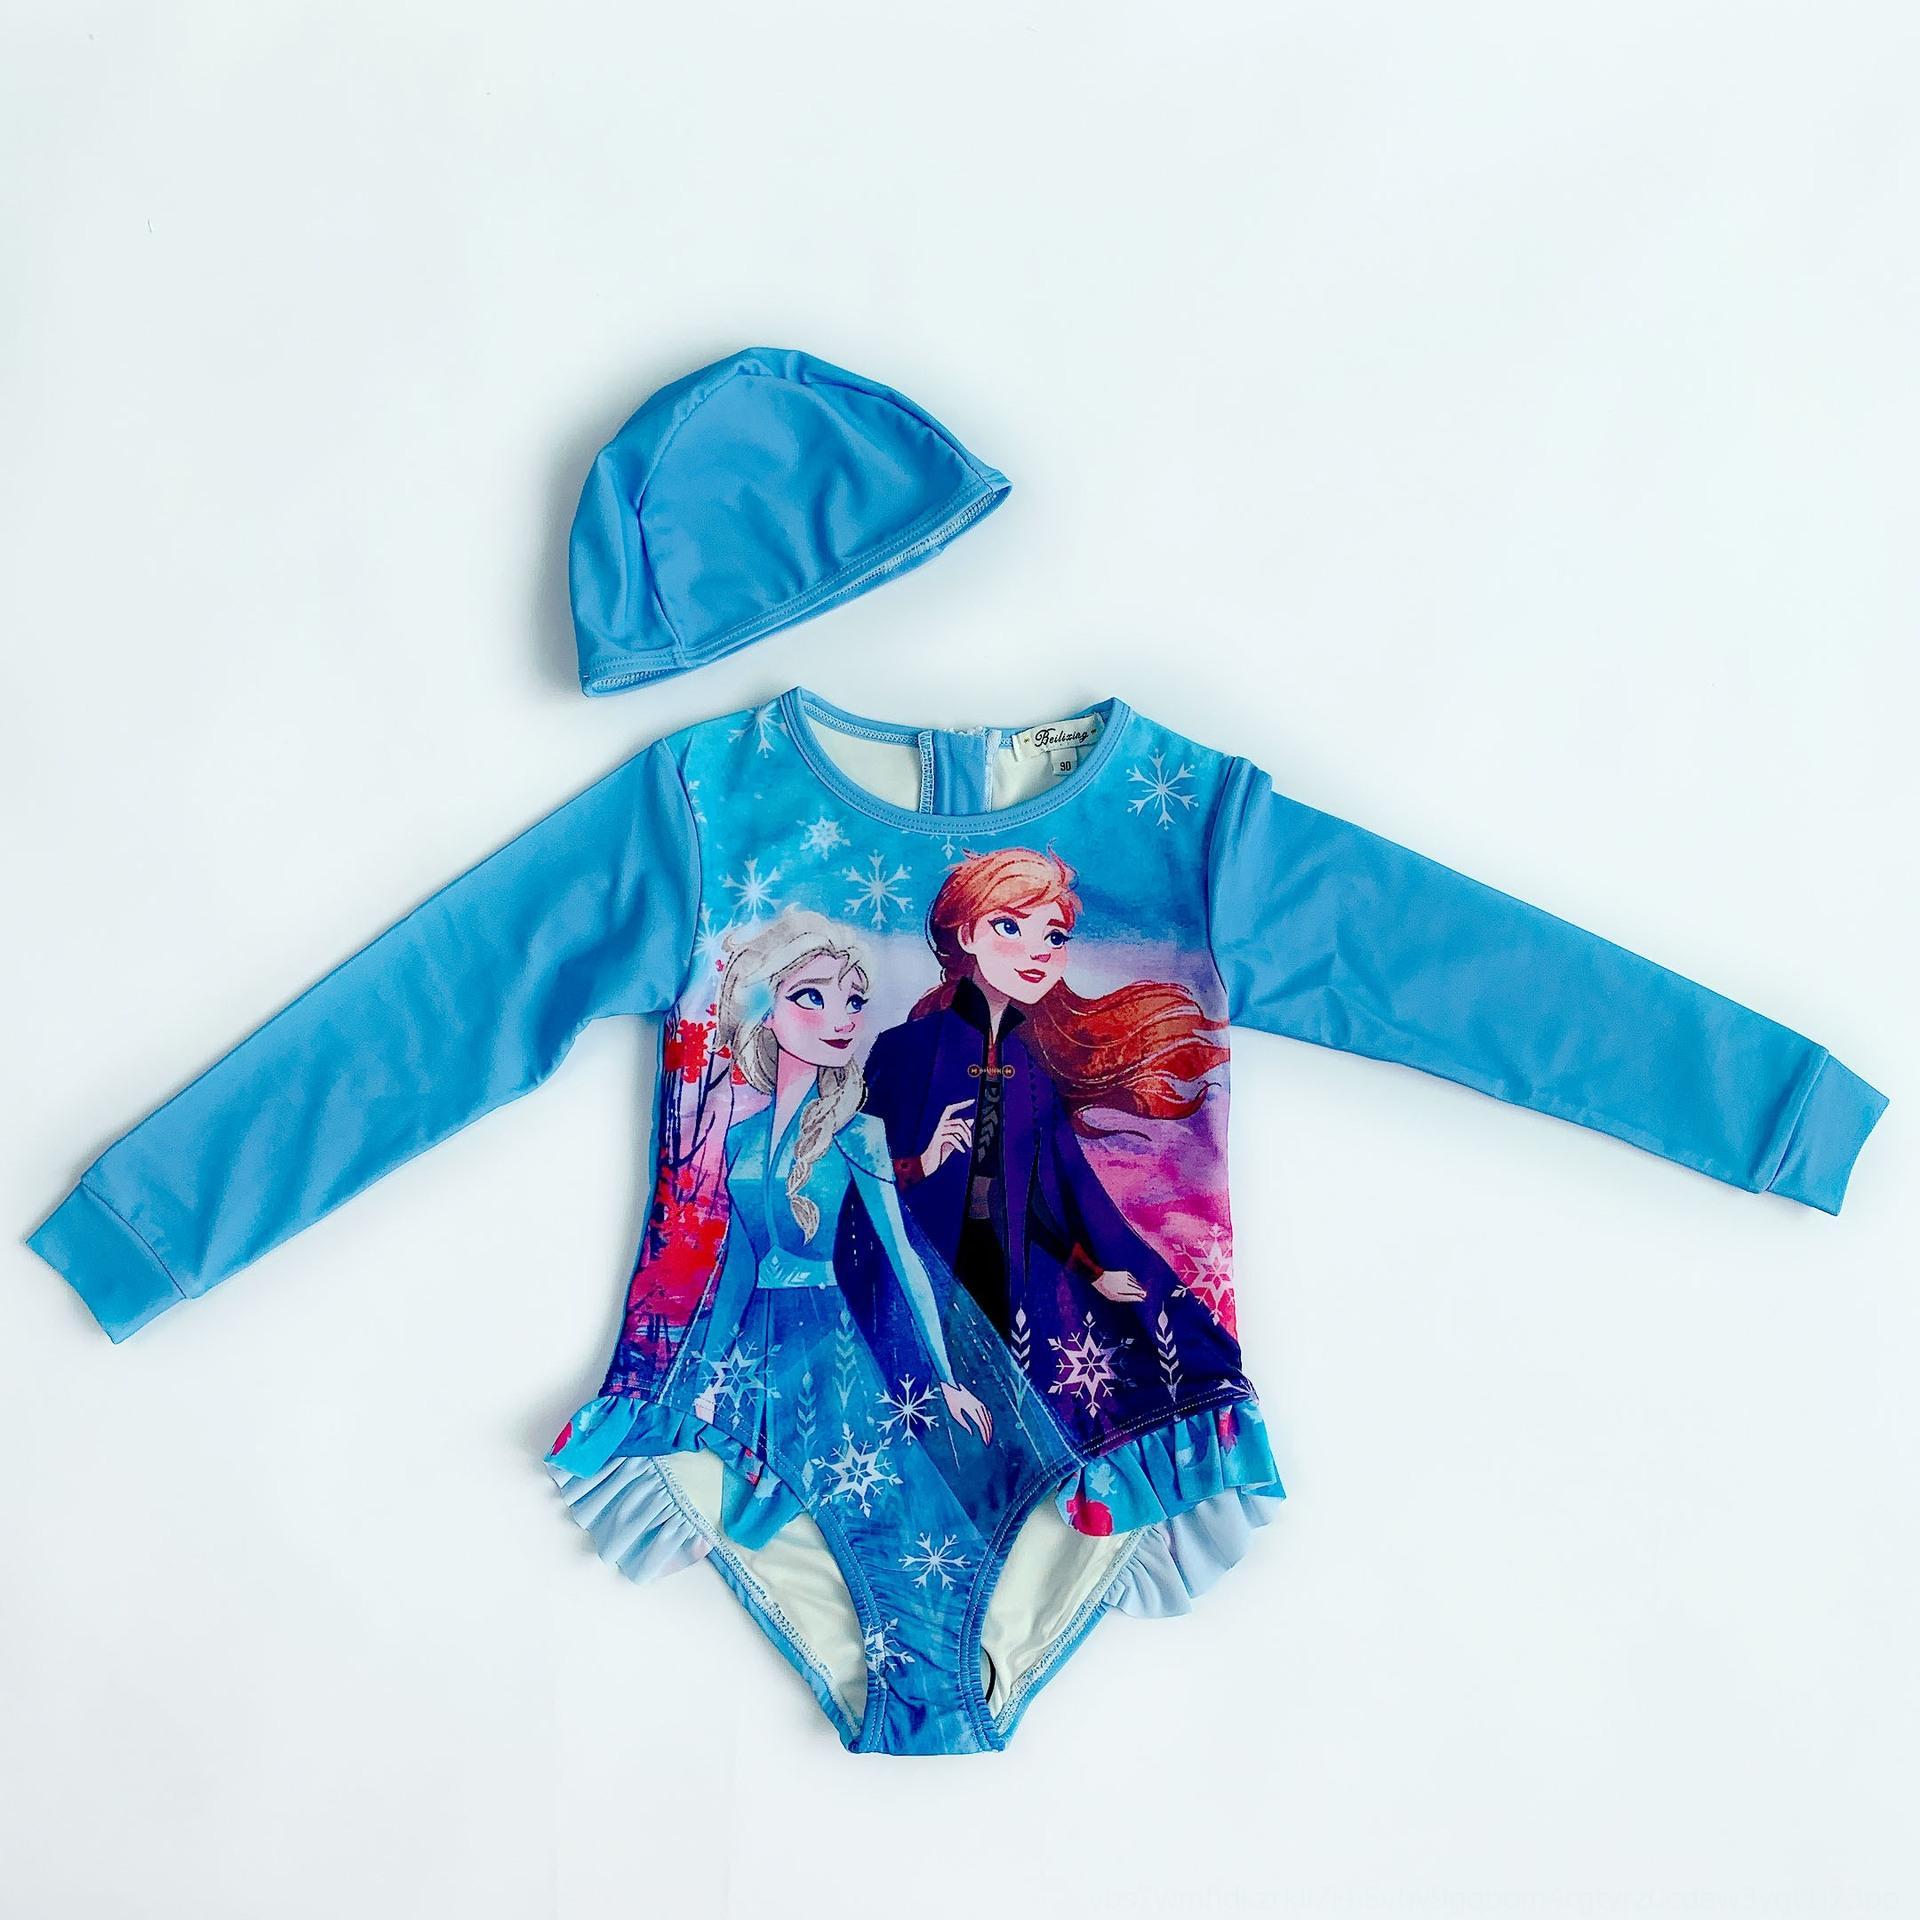 yJp5X niñas bebé bebé de la princesa del bikini sol a prueba de traje de baño de estilo de secado rápido del traje de baño de aguas termales de la manga larga de los niños